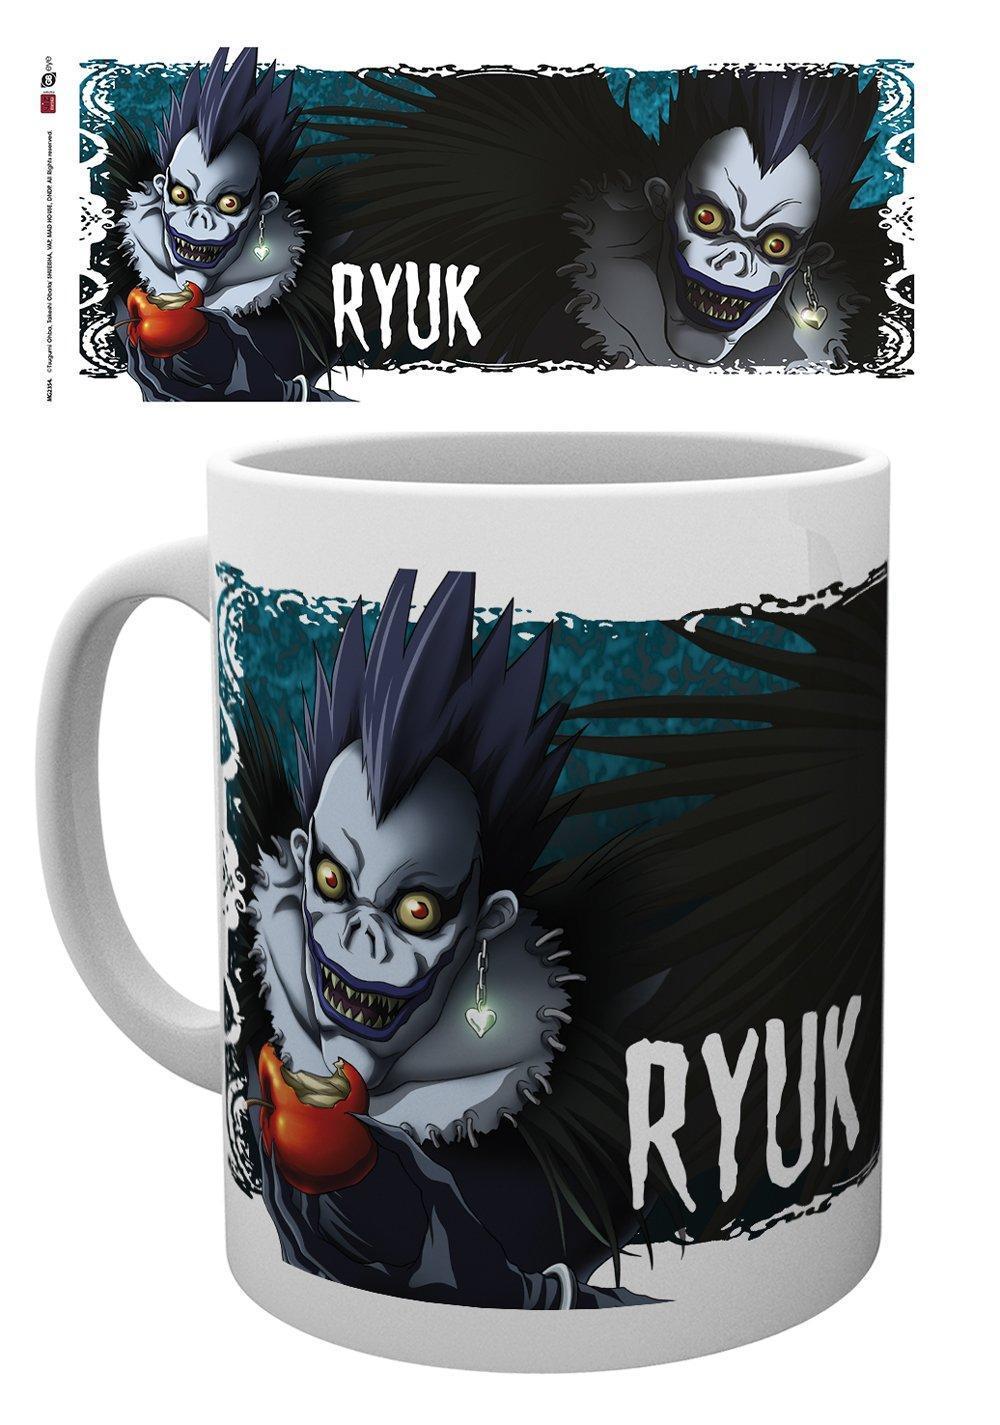 Mug ryuk death note